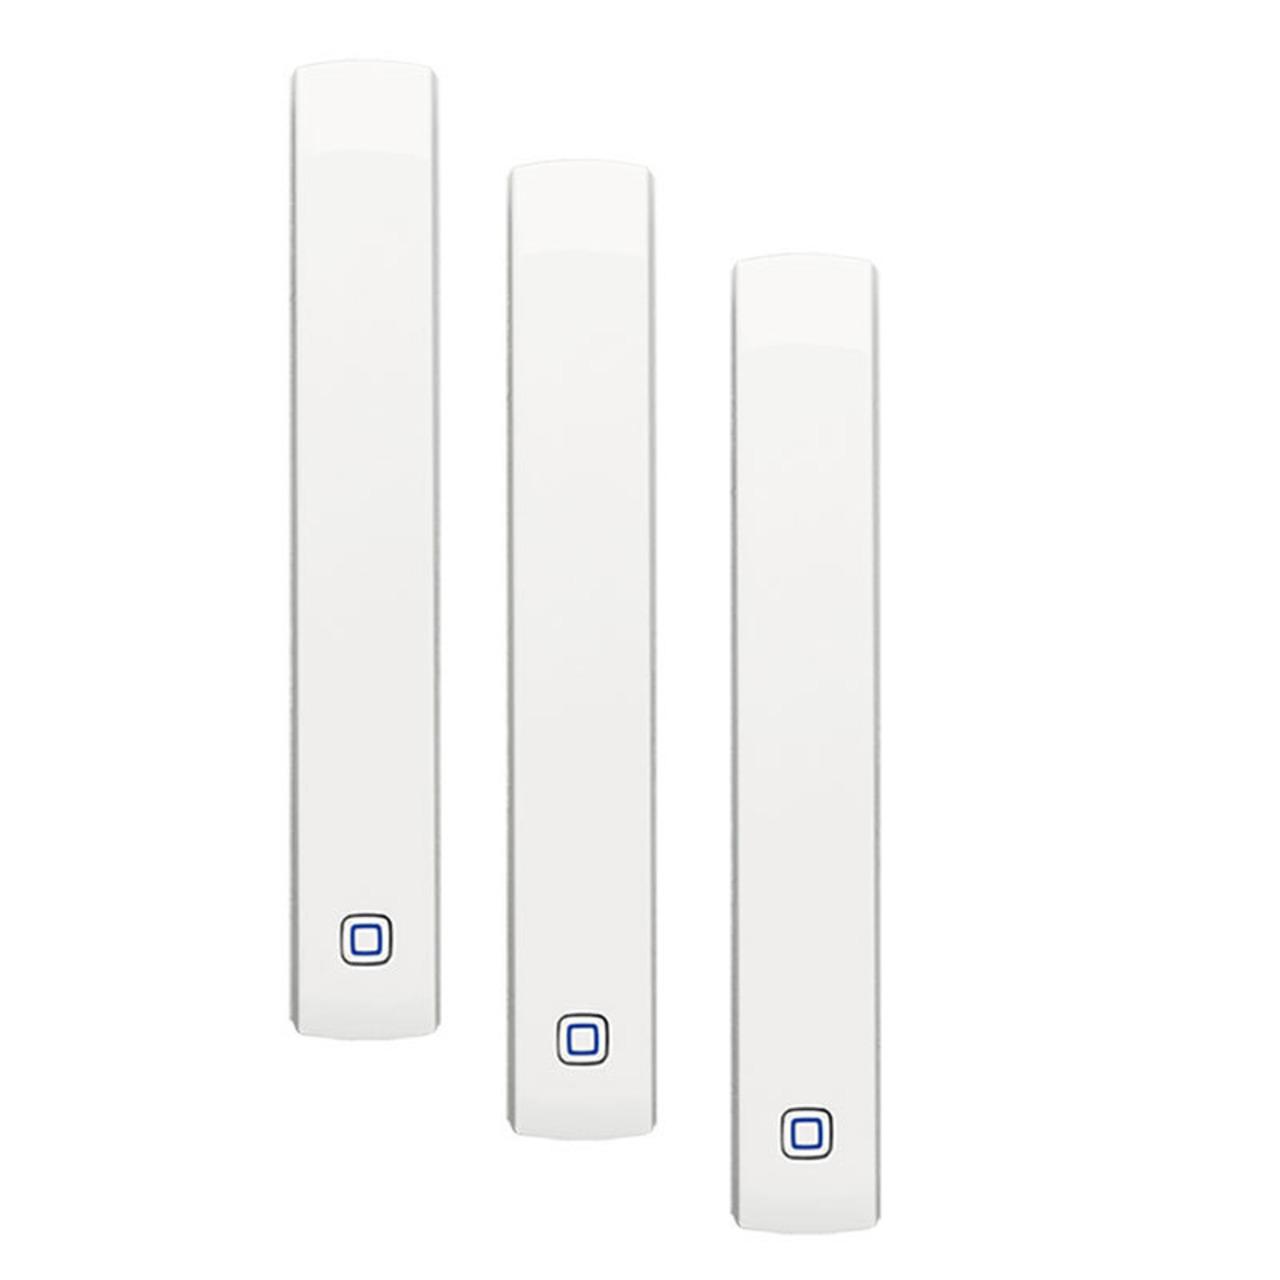 Homematic IP 3er Set Fenster- und Türkontakt HMIP-SWDO- optisch für Smart Home - Hausautomation